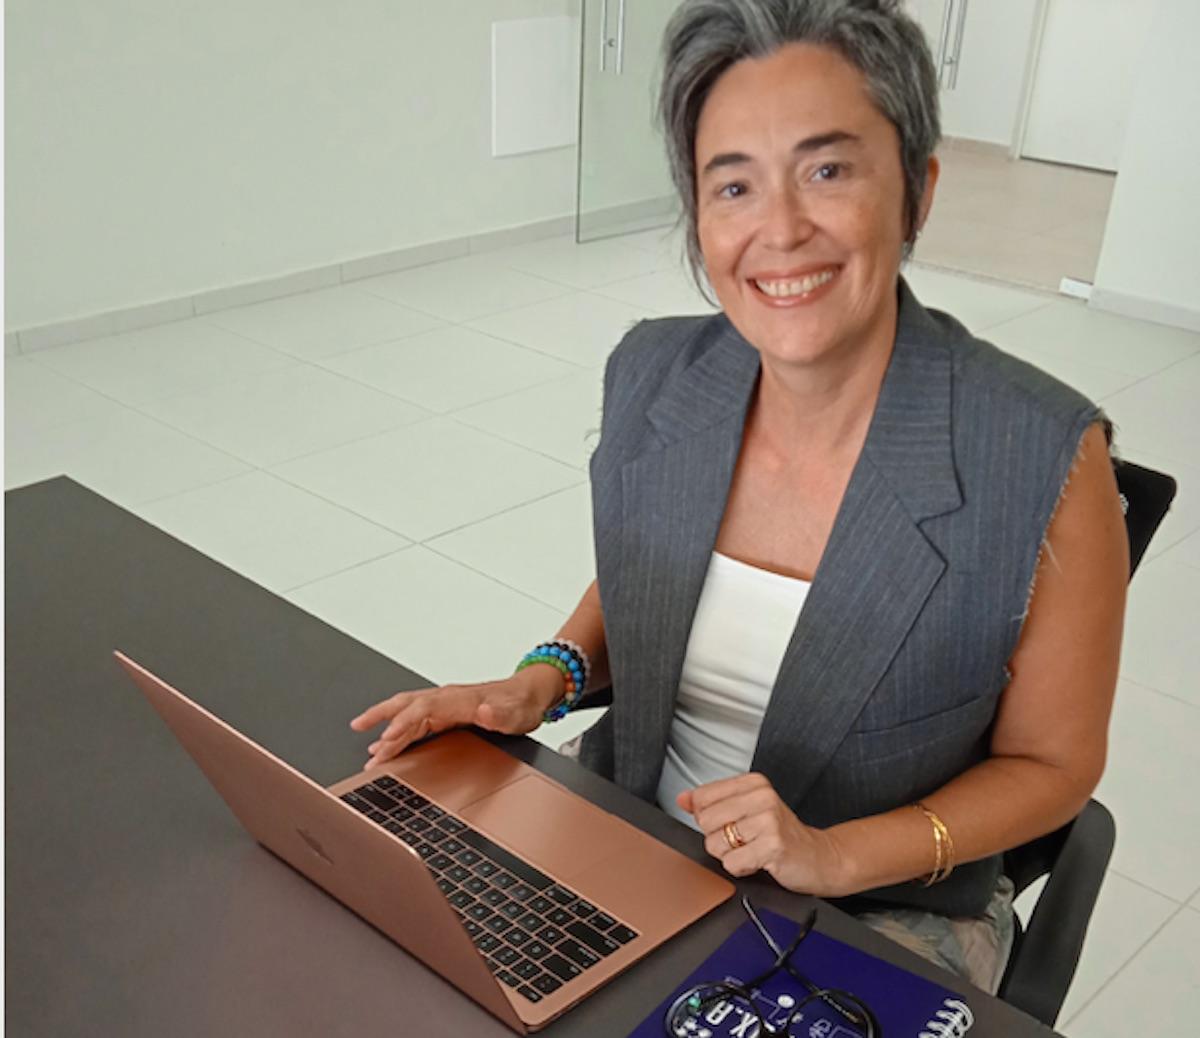 Openbox.ai contrata Yazmín Trejos e mais três executivos para reforçar o time